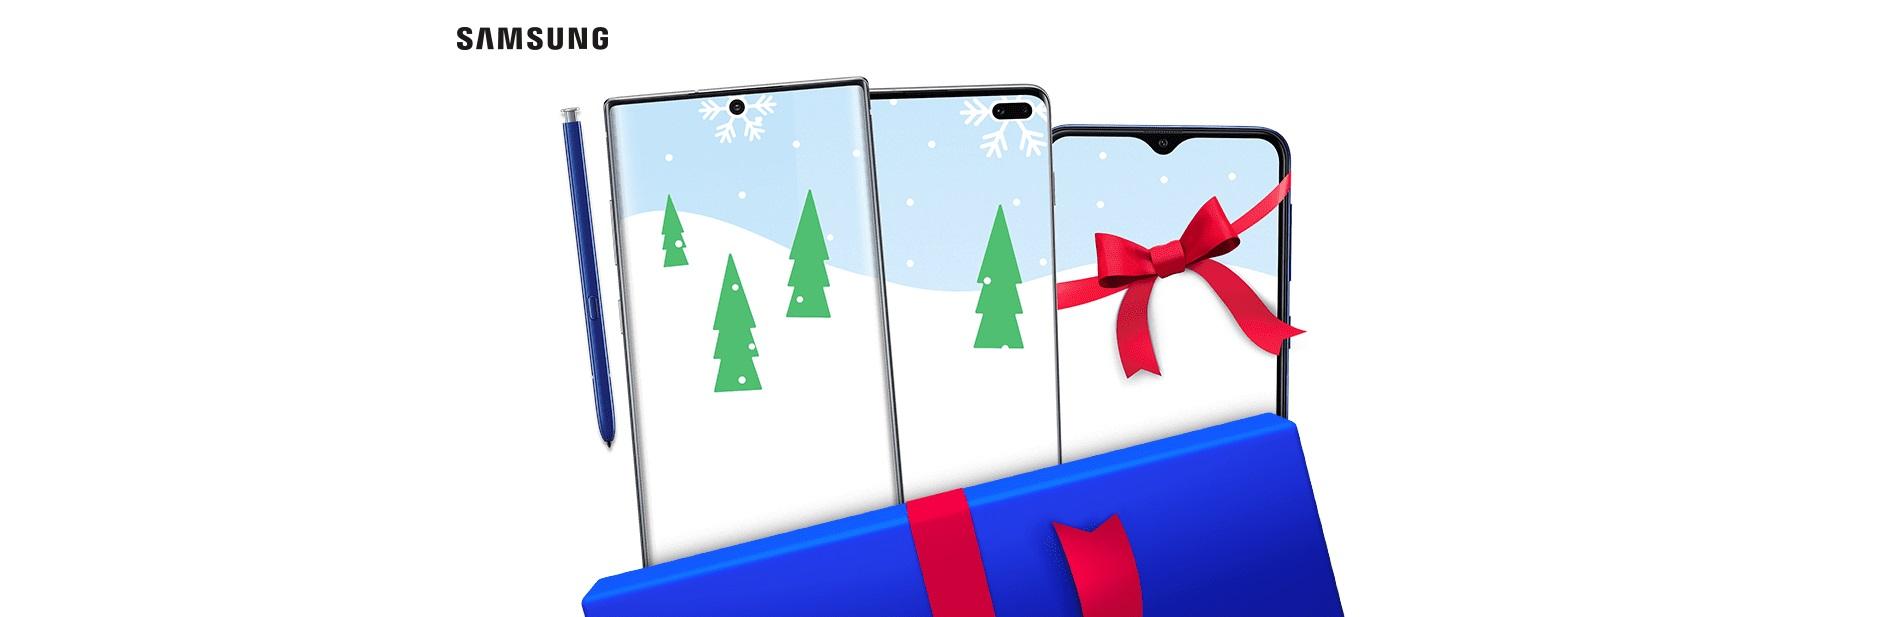 Promocja: Kup Galaxy S10(+) lub Galaxy Note 10(+) i odbierz Galaxy A10 za złotówkę 19